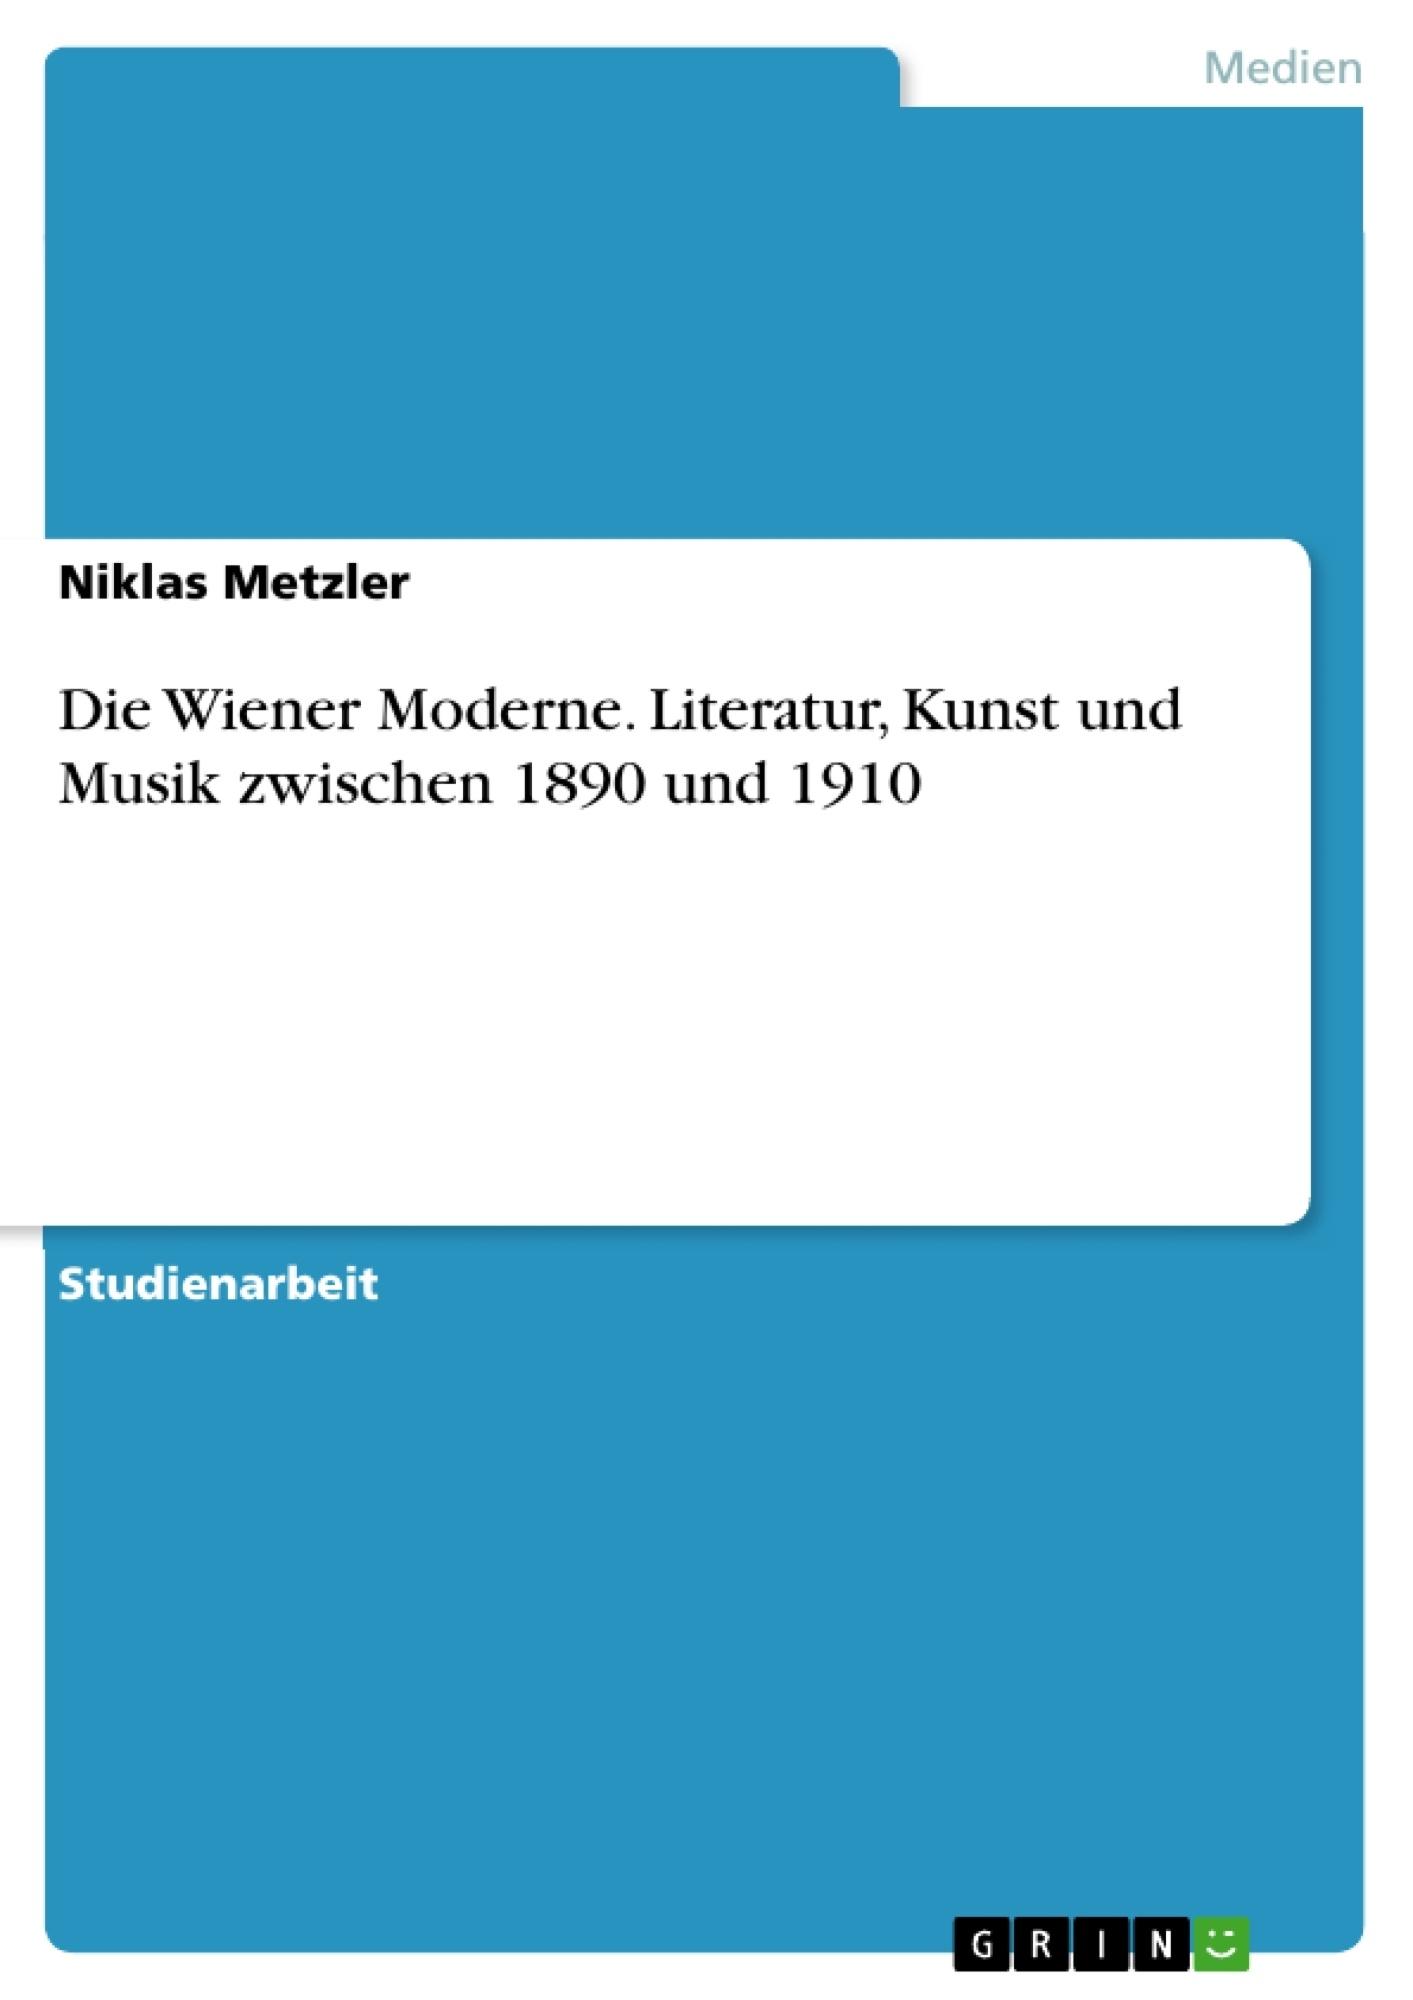 Titel: Die Wiener Moderne. Literatur, Kunst und Musik zwischen 1890 und 1910